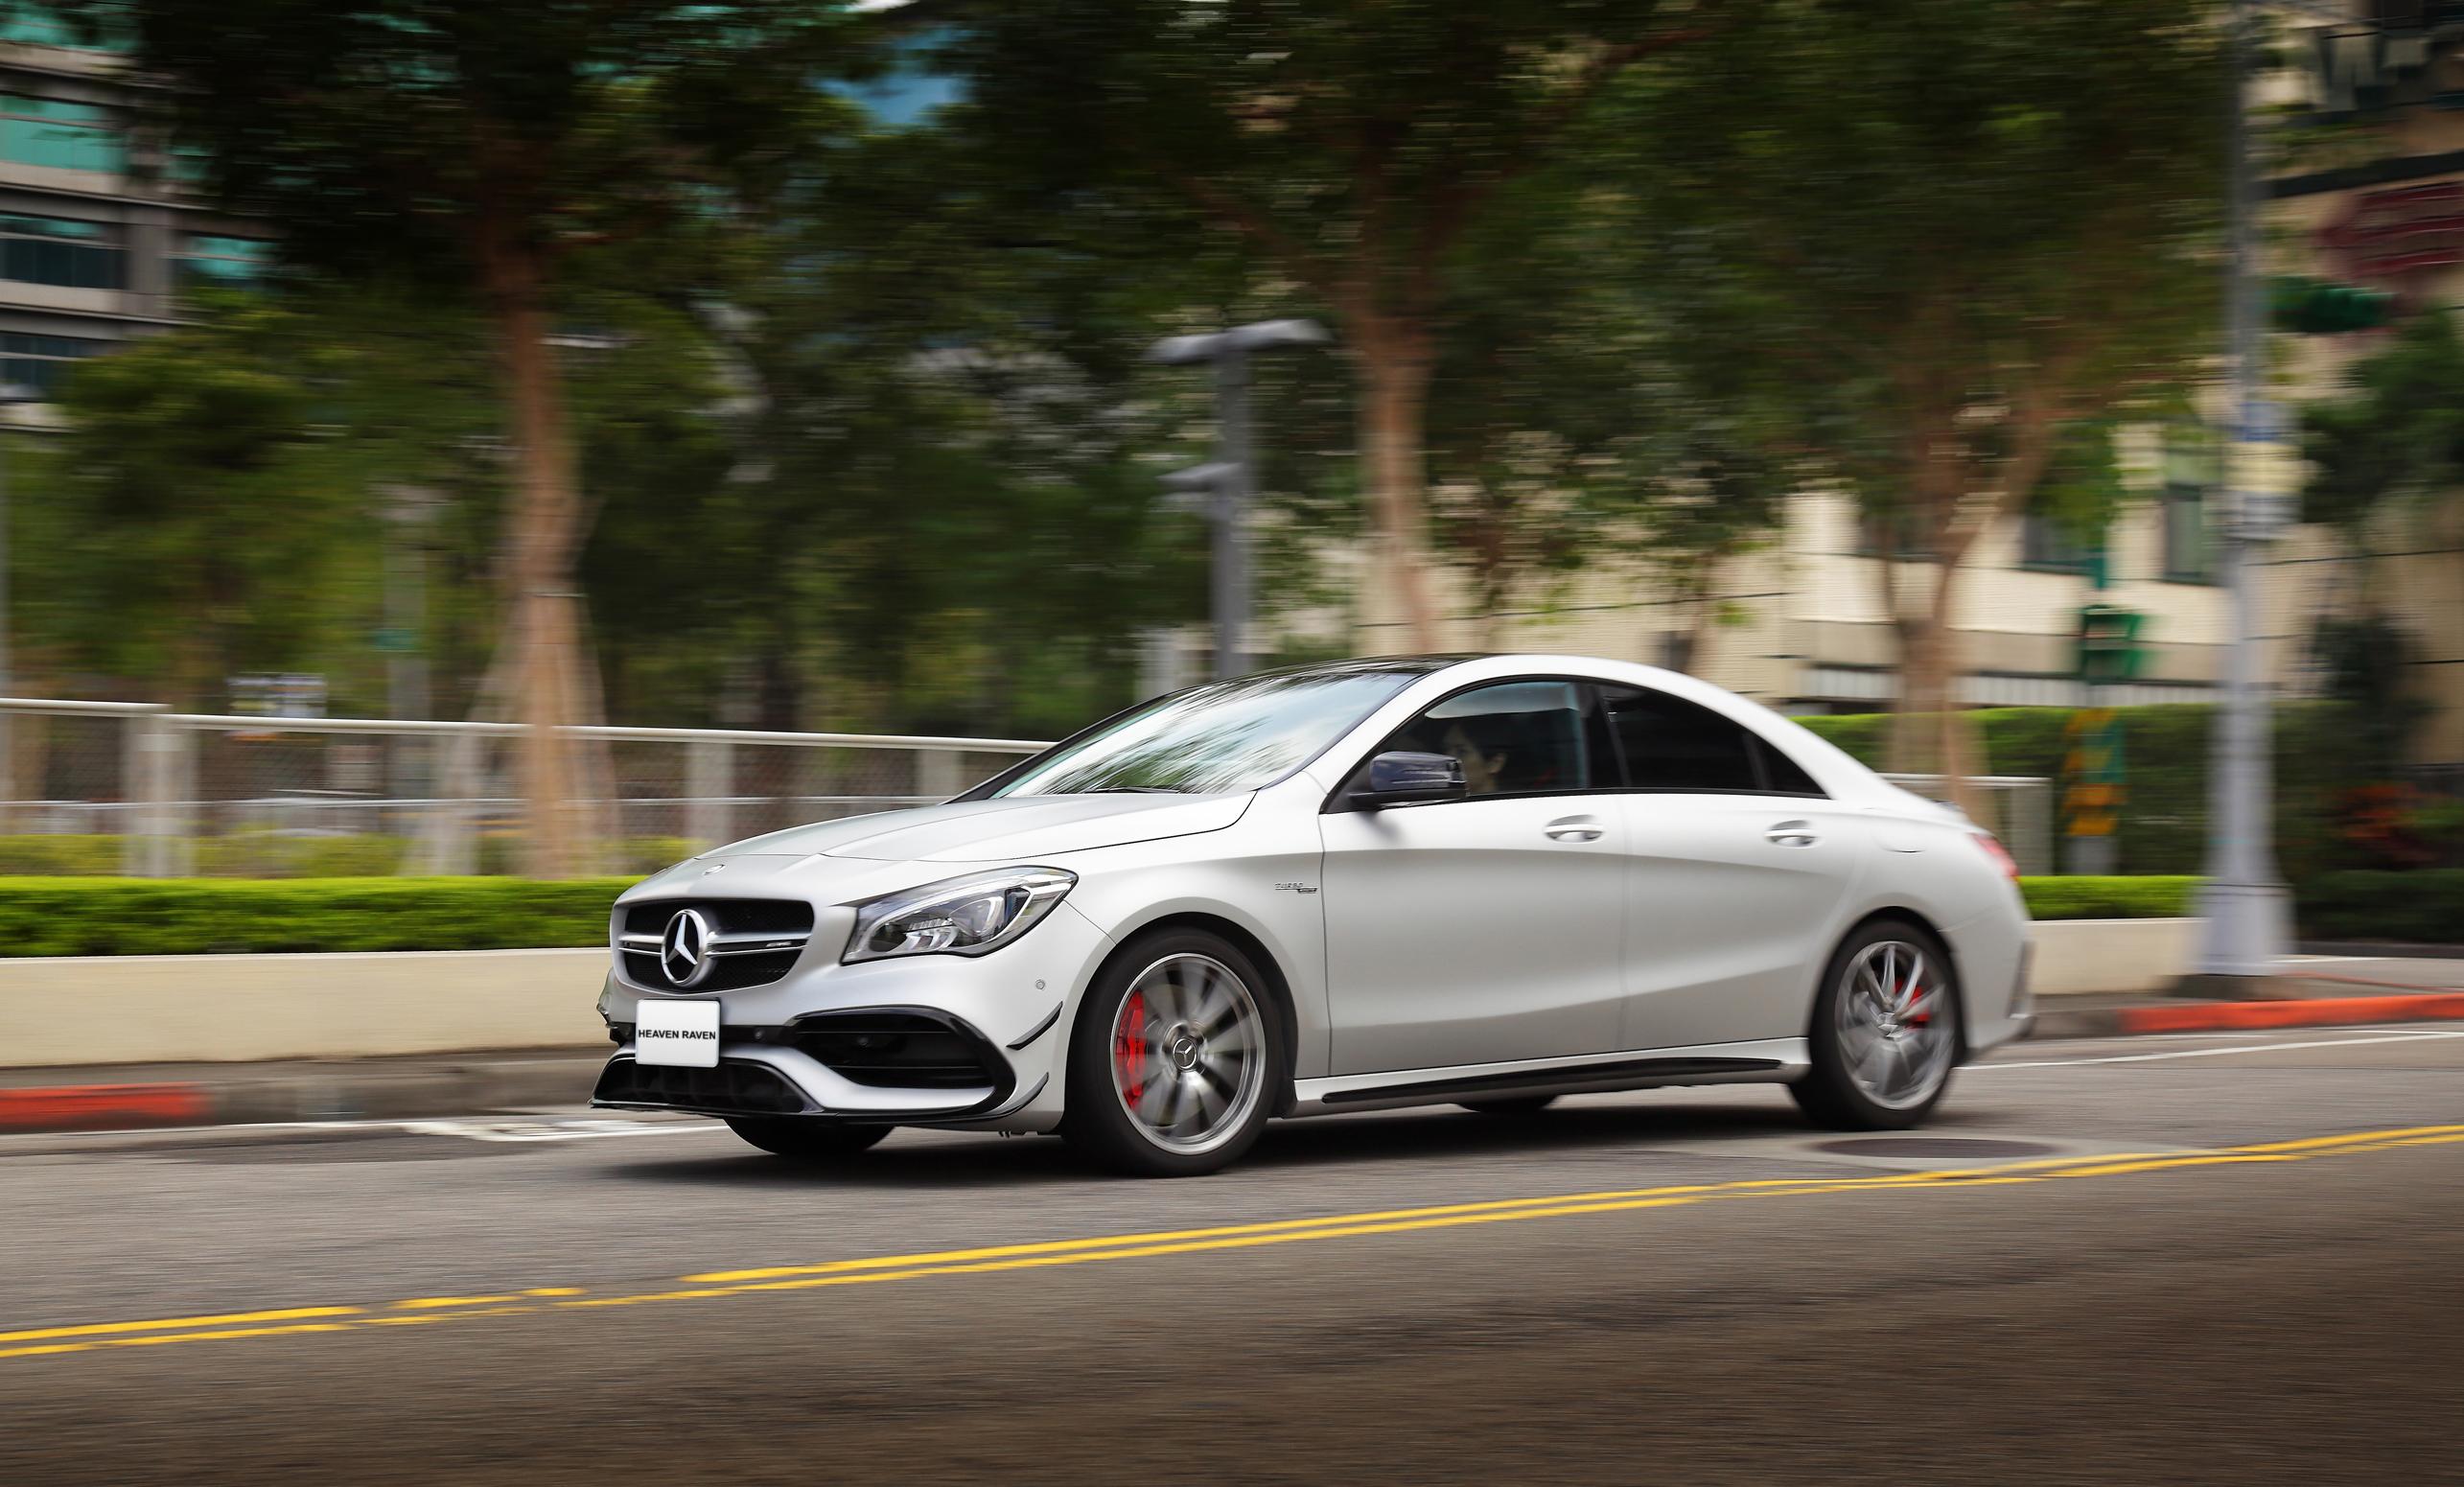 穩定的操控性,提供更豐富的駕駛樂趣。